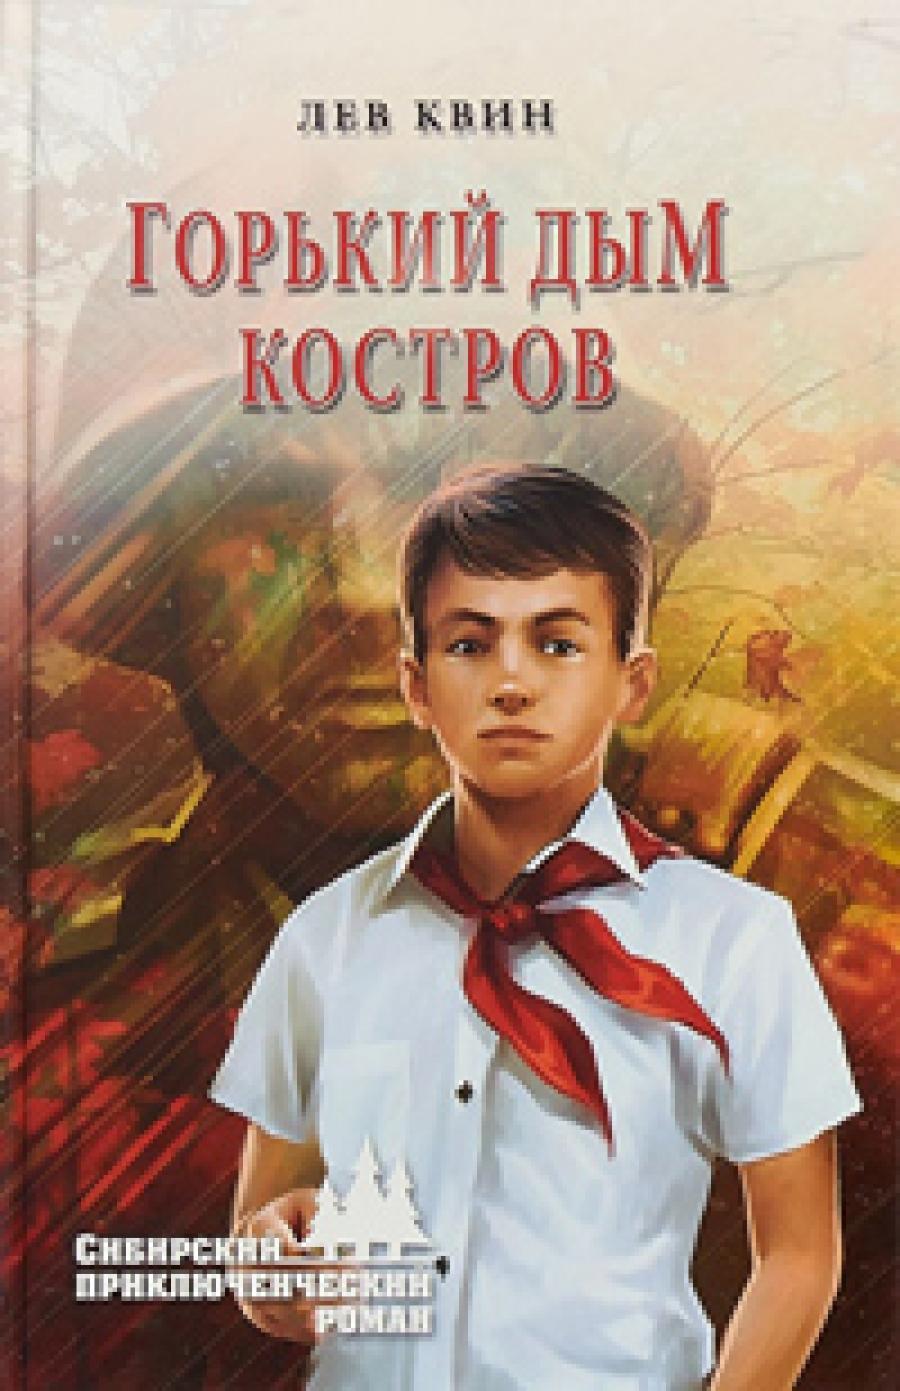 Лев КВИН. Горький дым костров (12+)